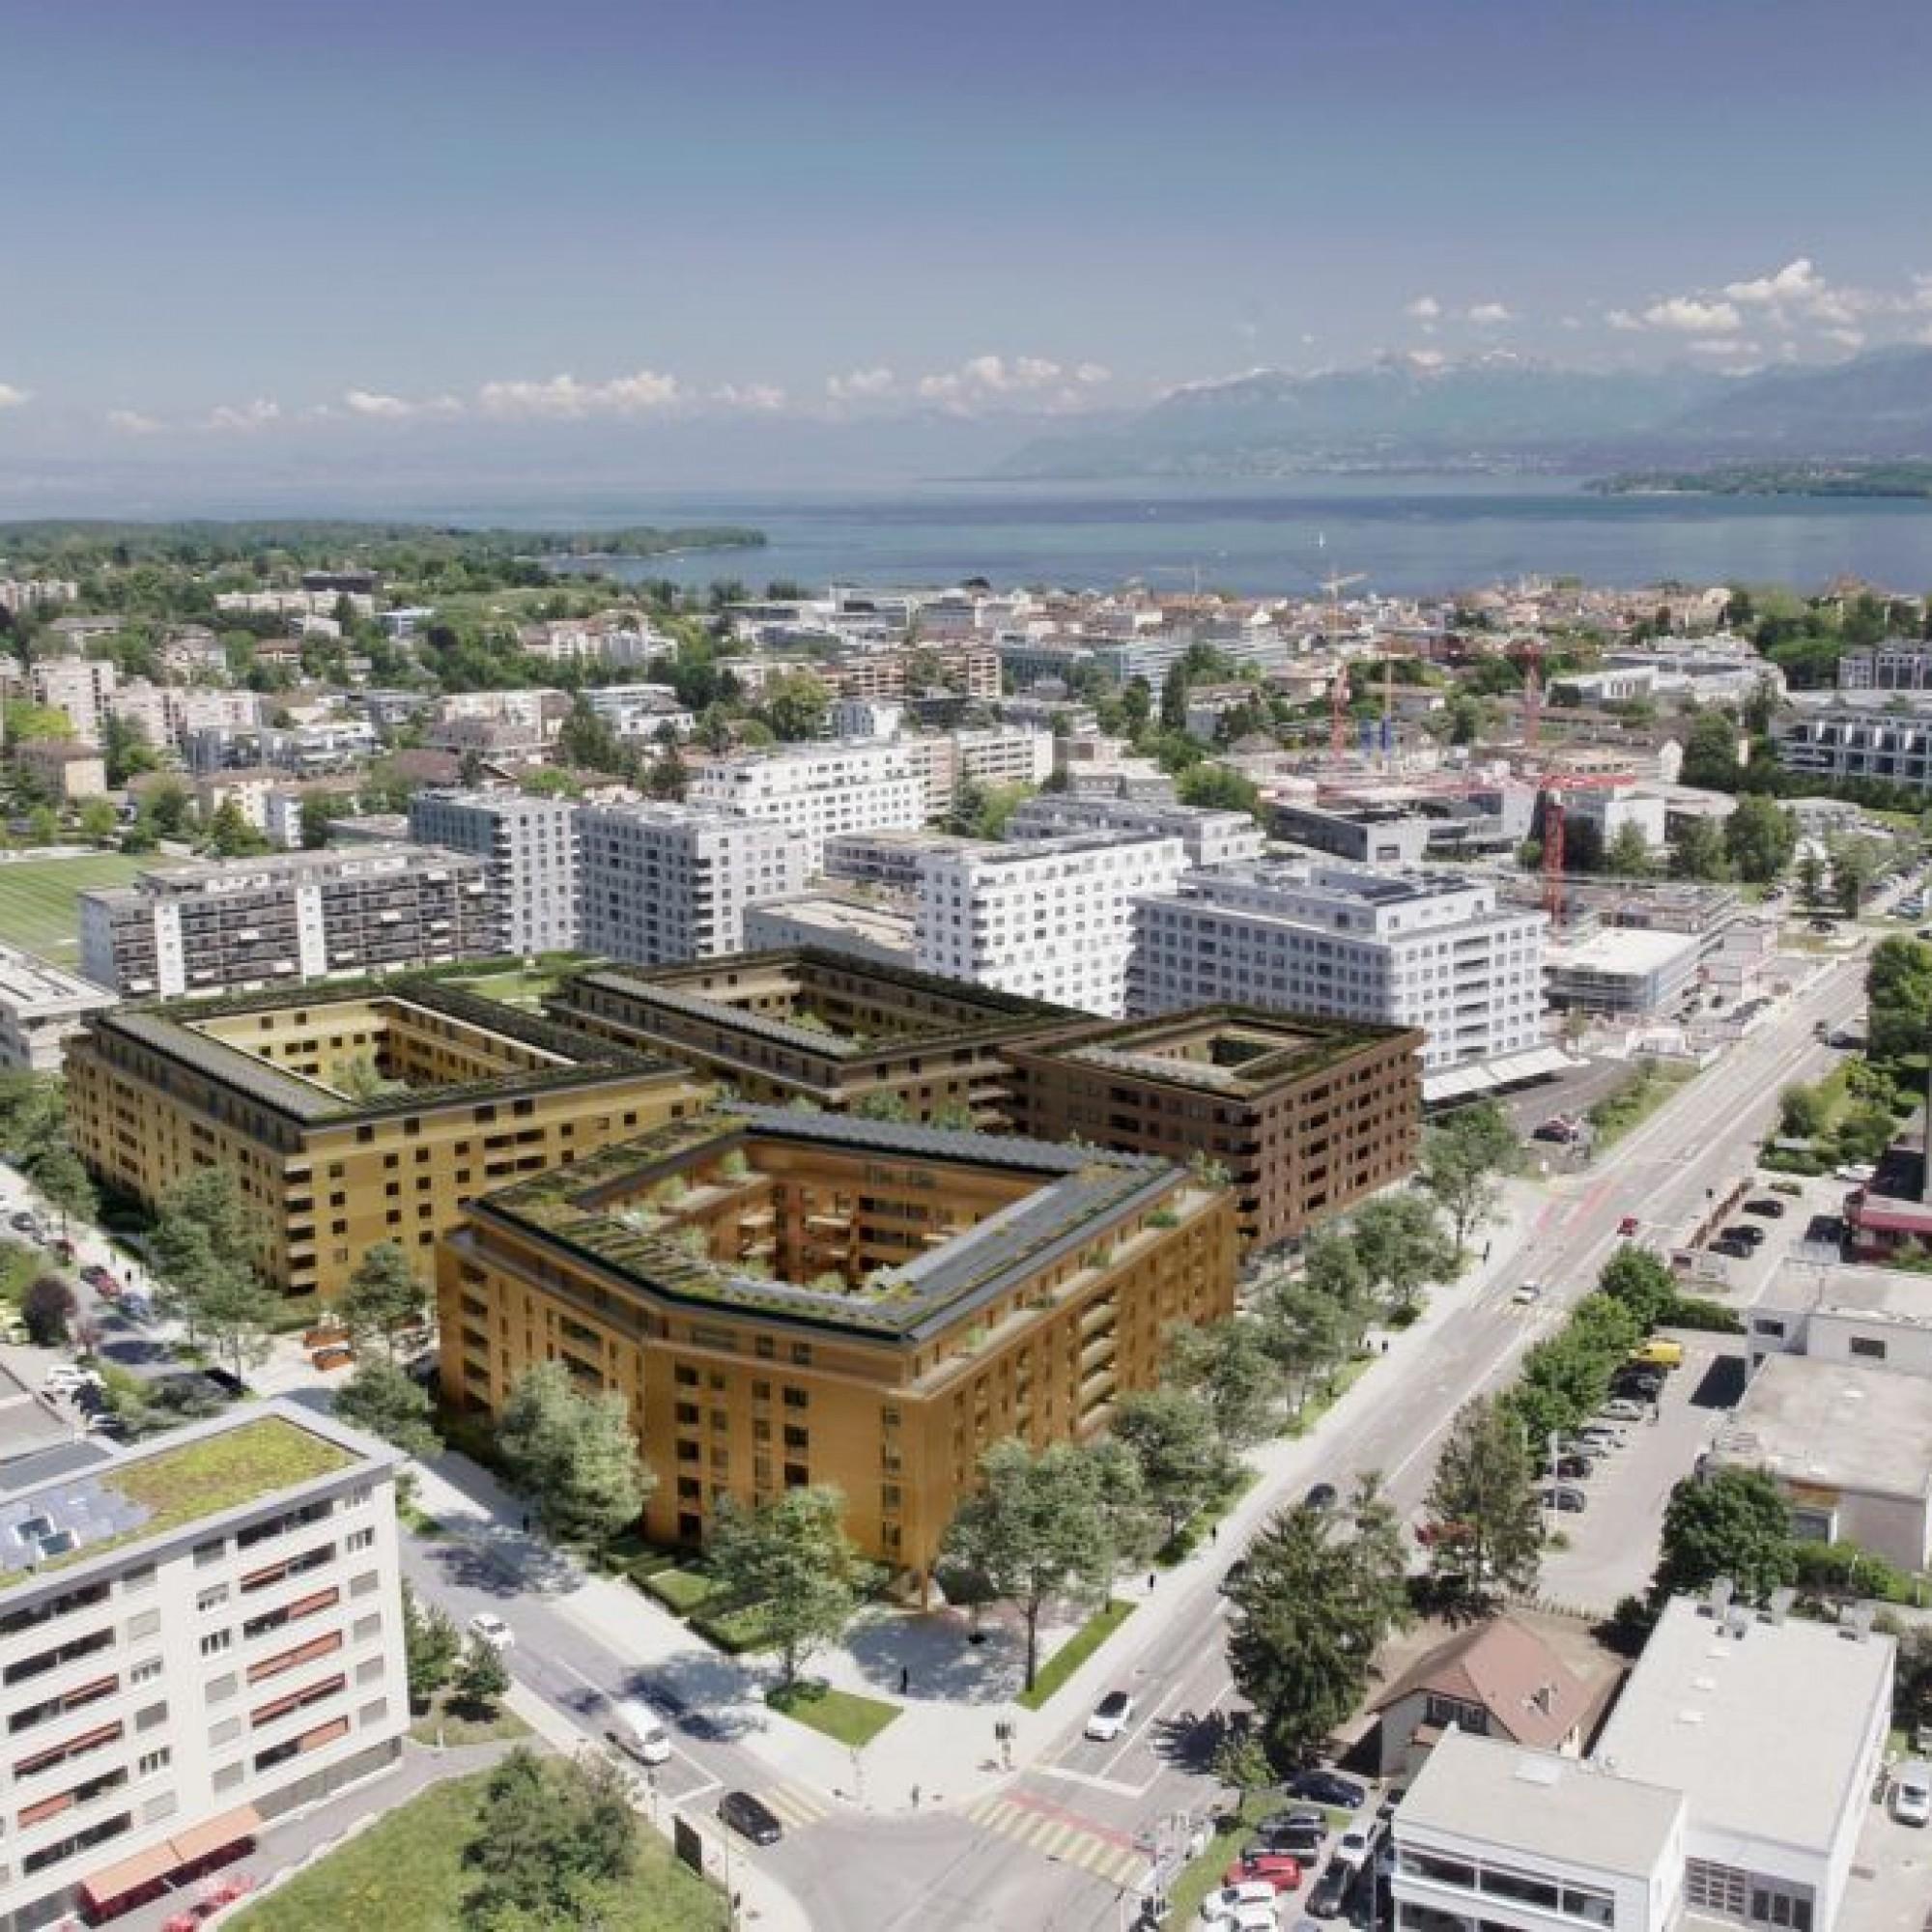 Le futur quartier se présentera avec quatre immeubles aménagés dans une espace paysager propice à la vie sociale.